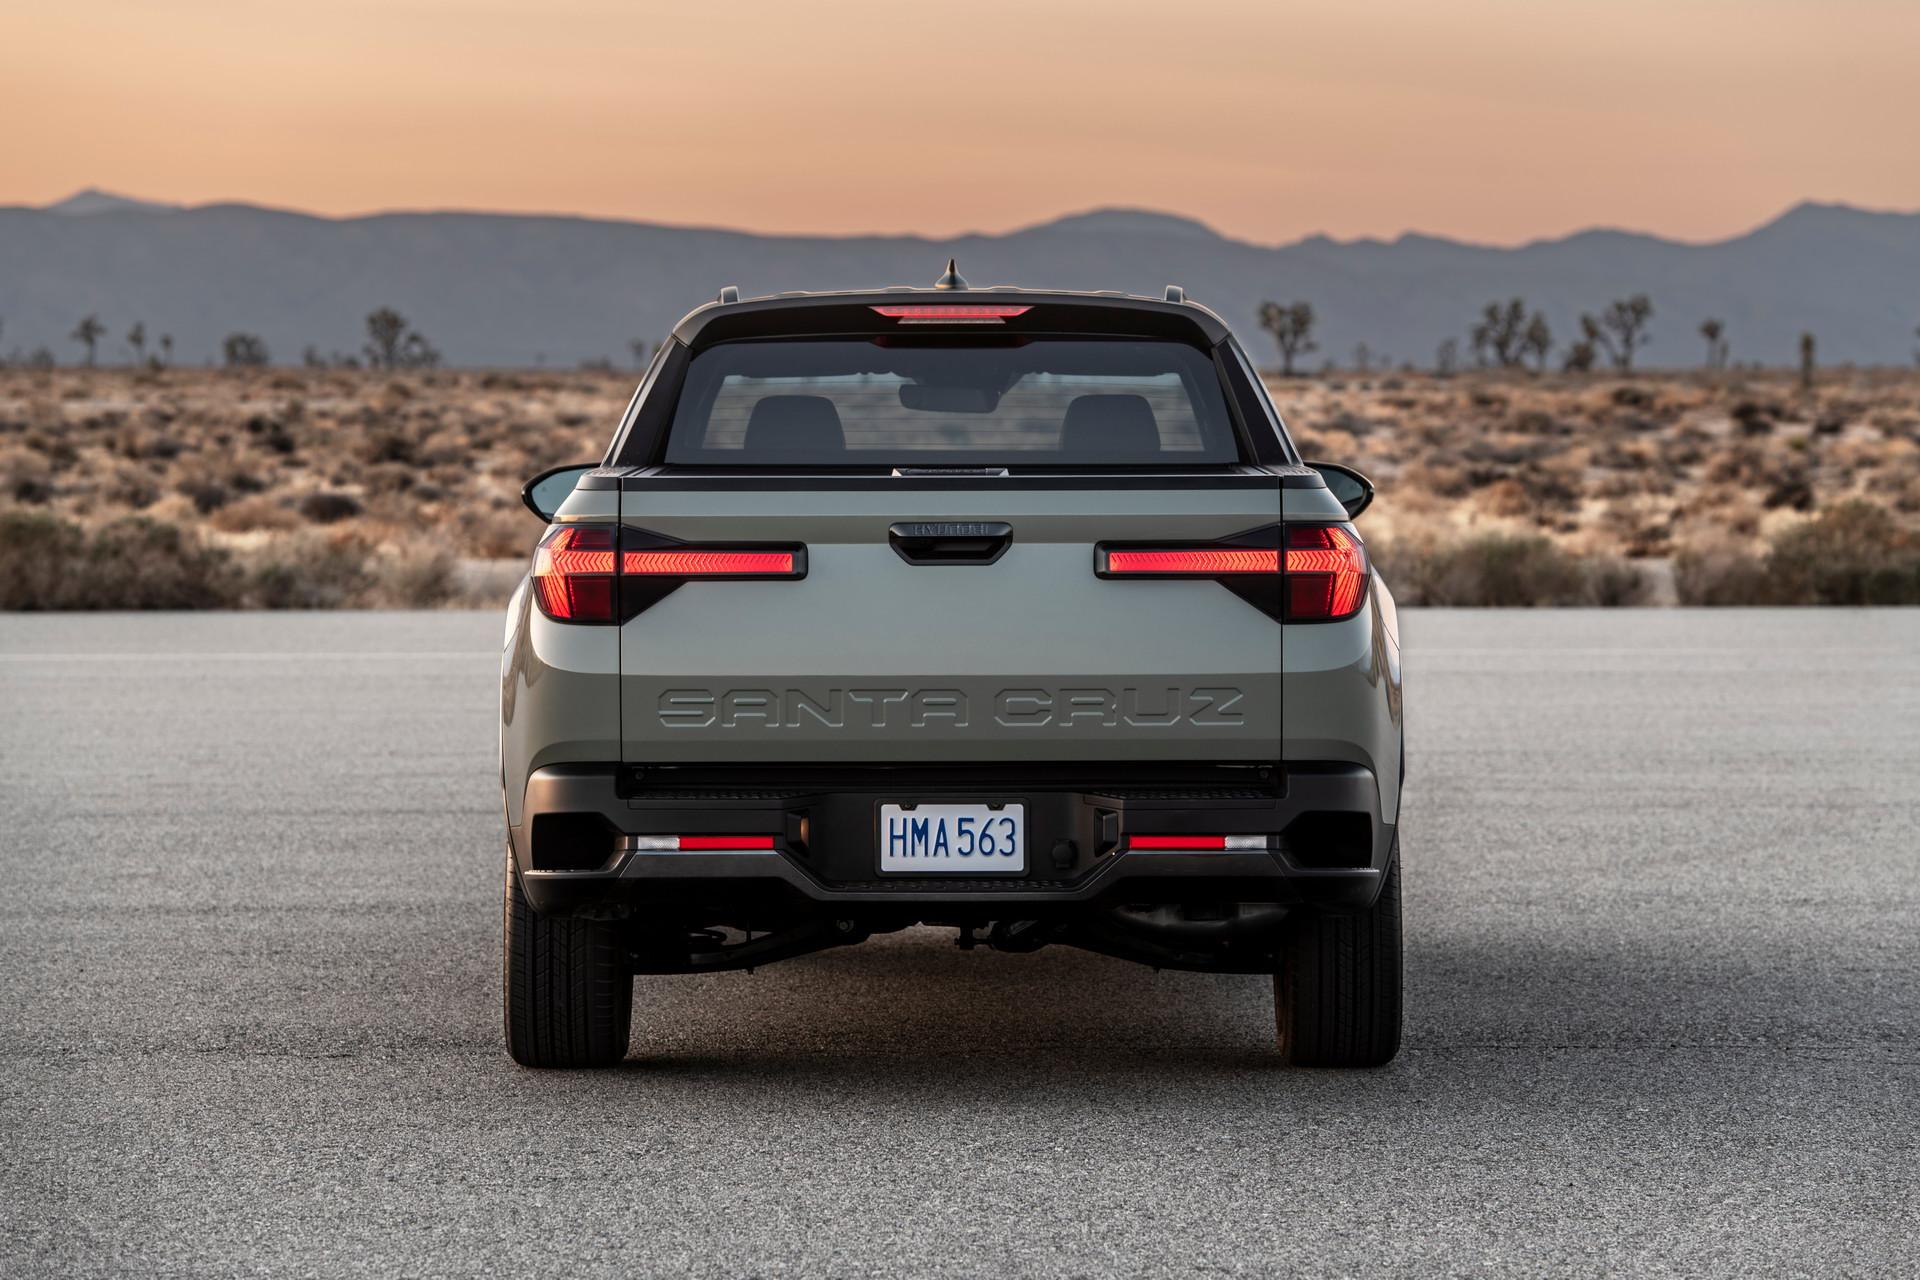 Xe bán tải đầu tiên của Hyundai ra mắt: 275 mã lực, tiện nghi như Tucson - Ảnh 4.